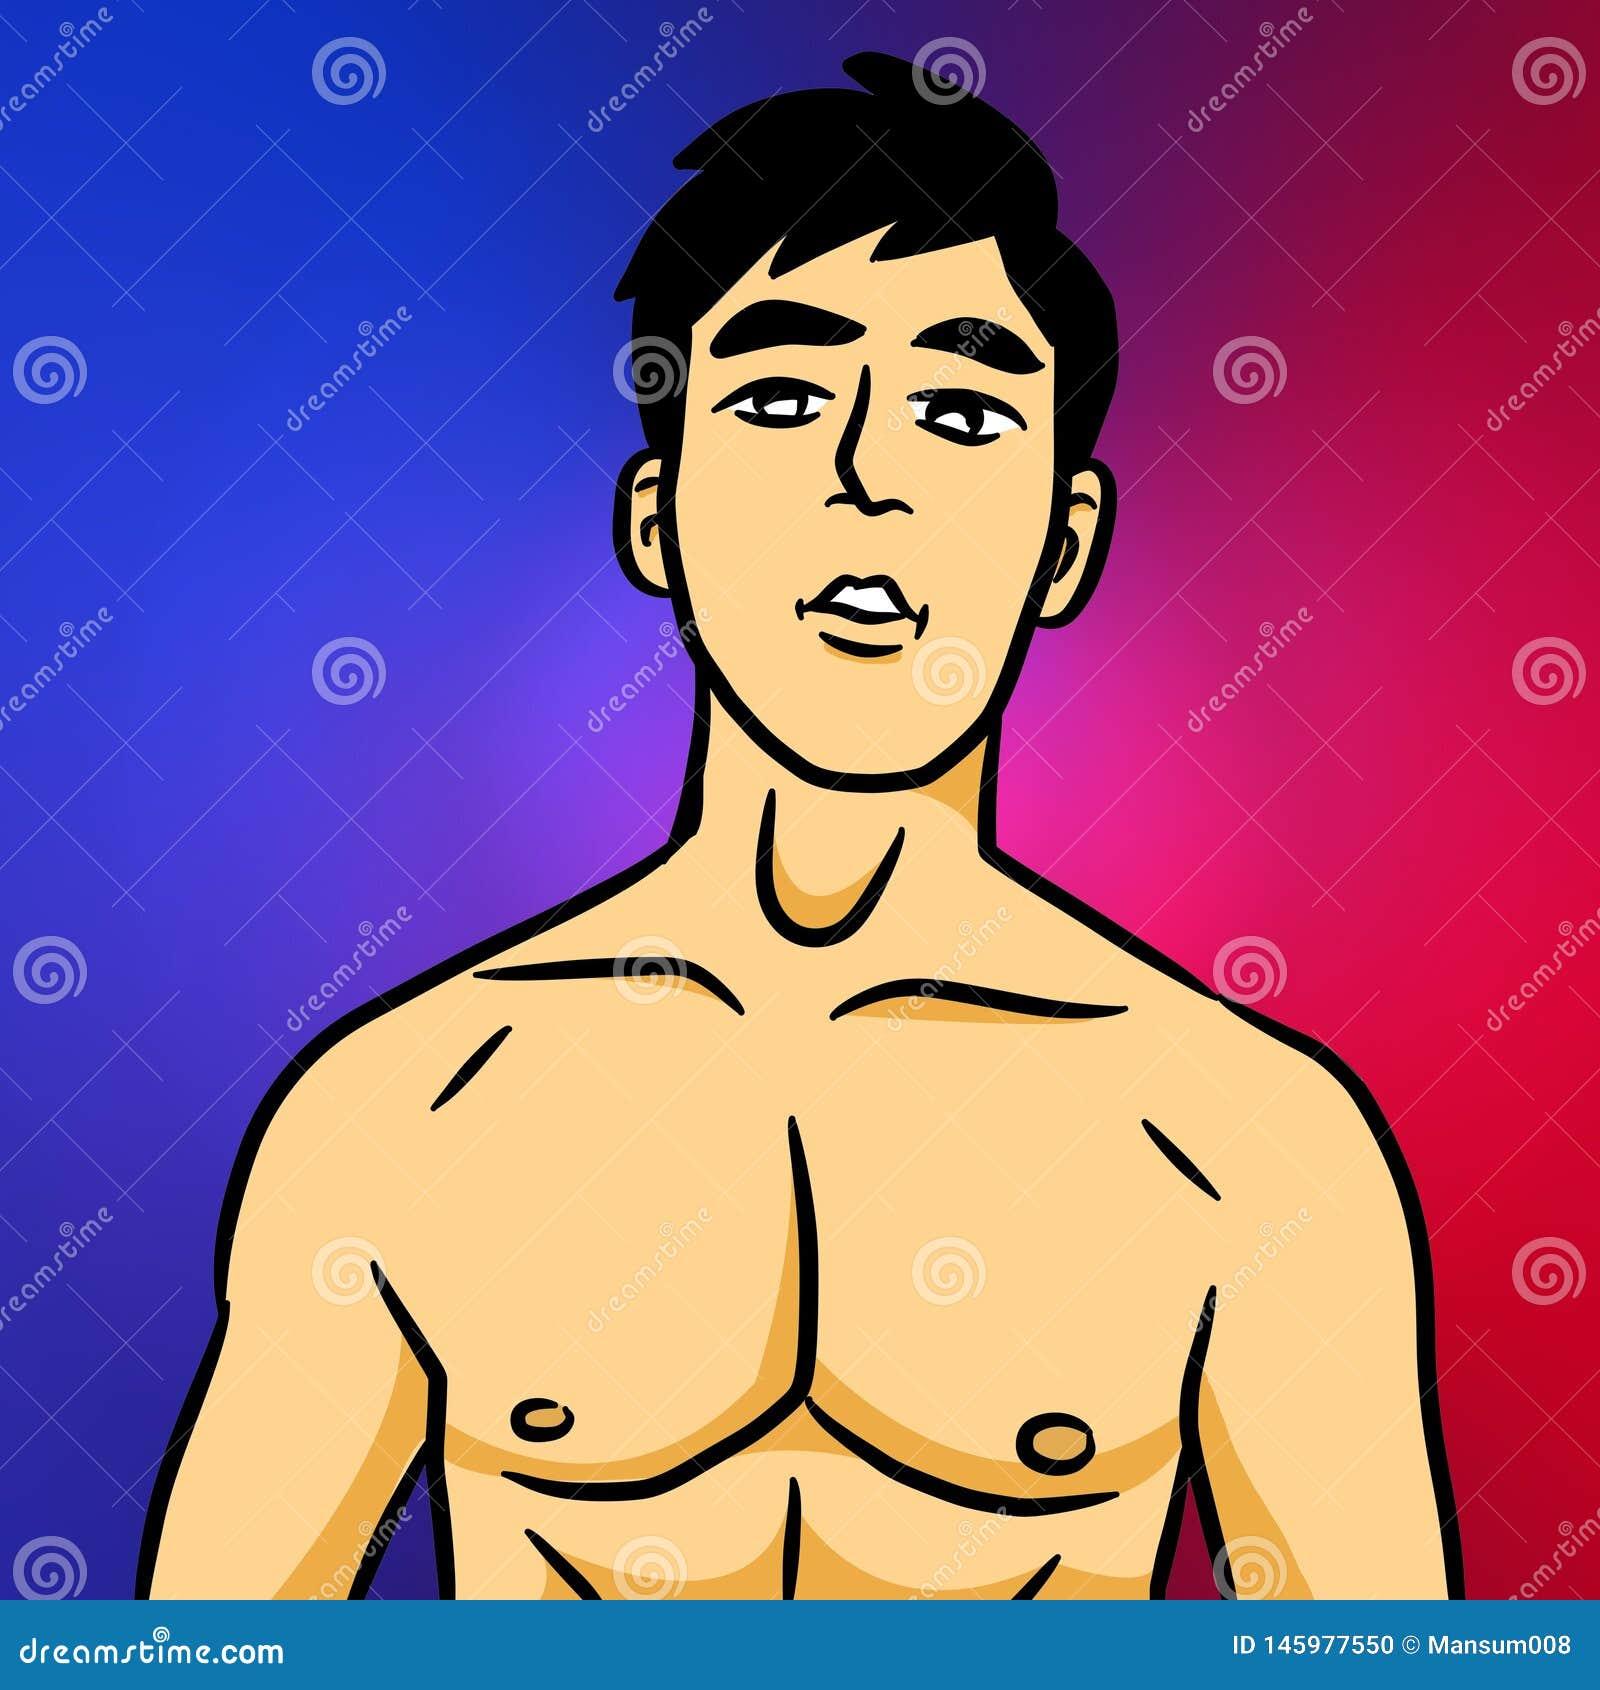 Alison laplaca nude pics